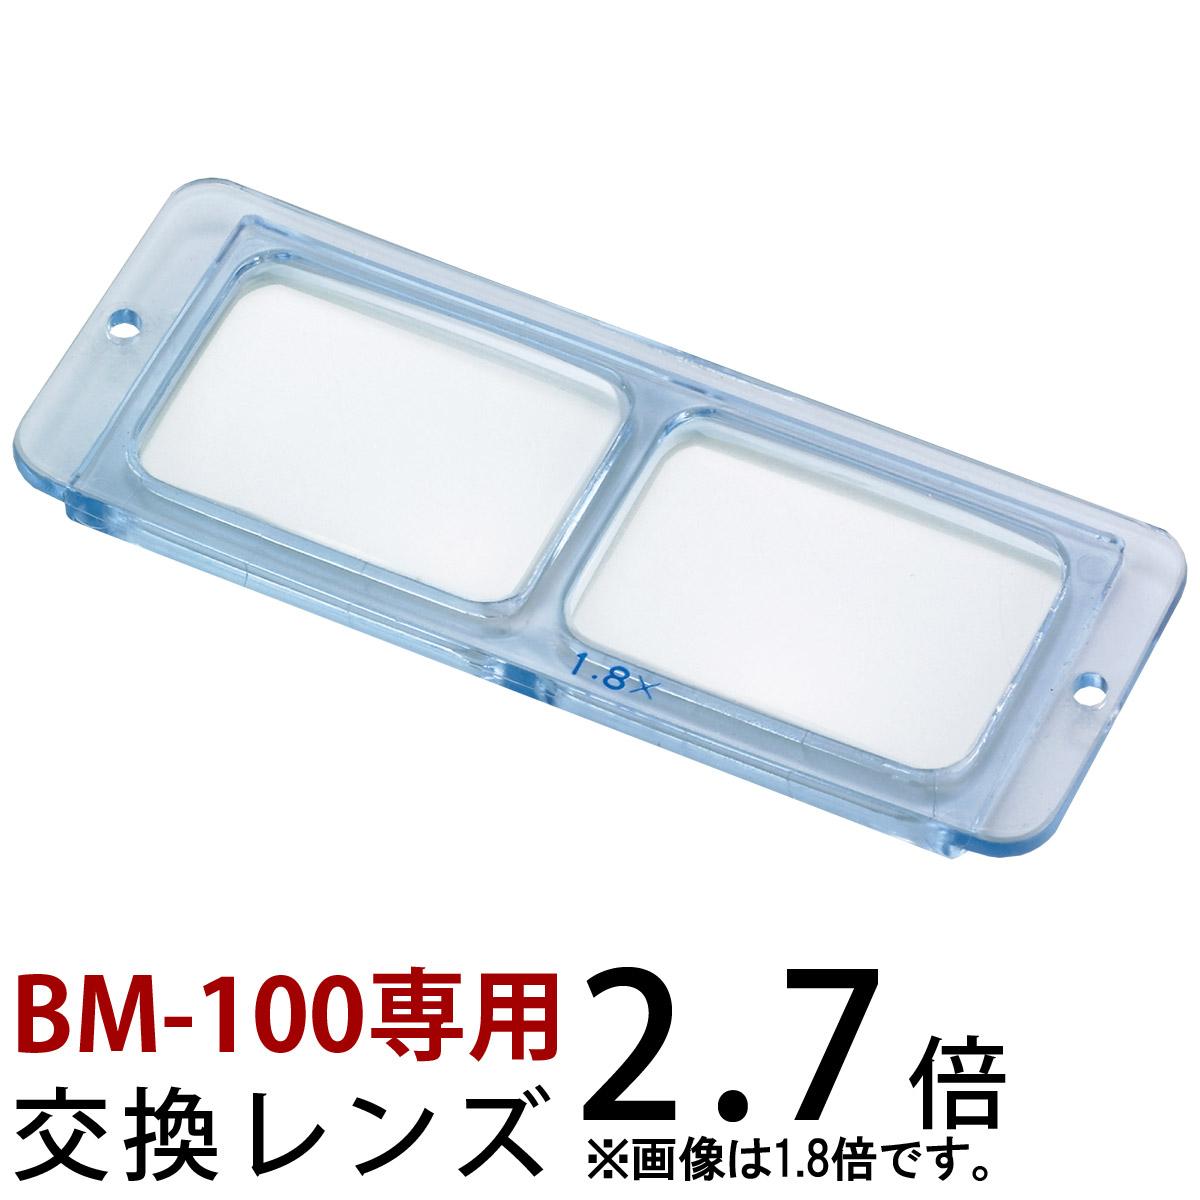 ヘッドルーペ 双眼 交換レンズ BM-100C1 2.7倍 BM-100 専用 池田レンズ